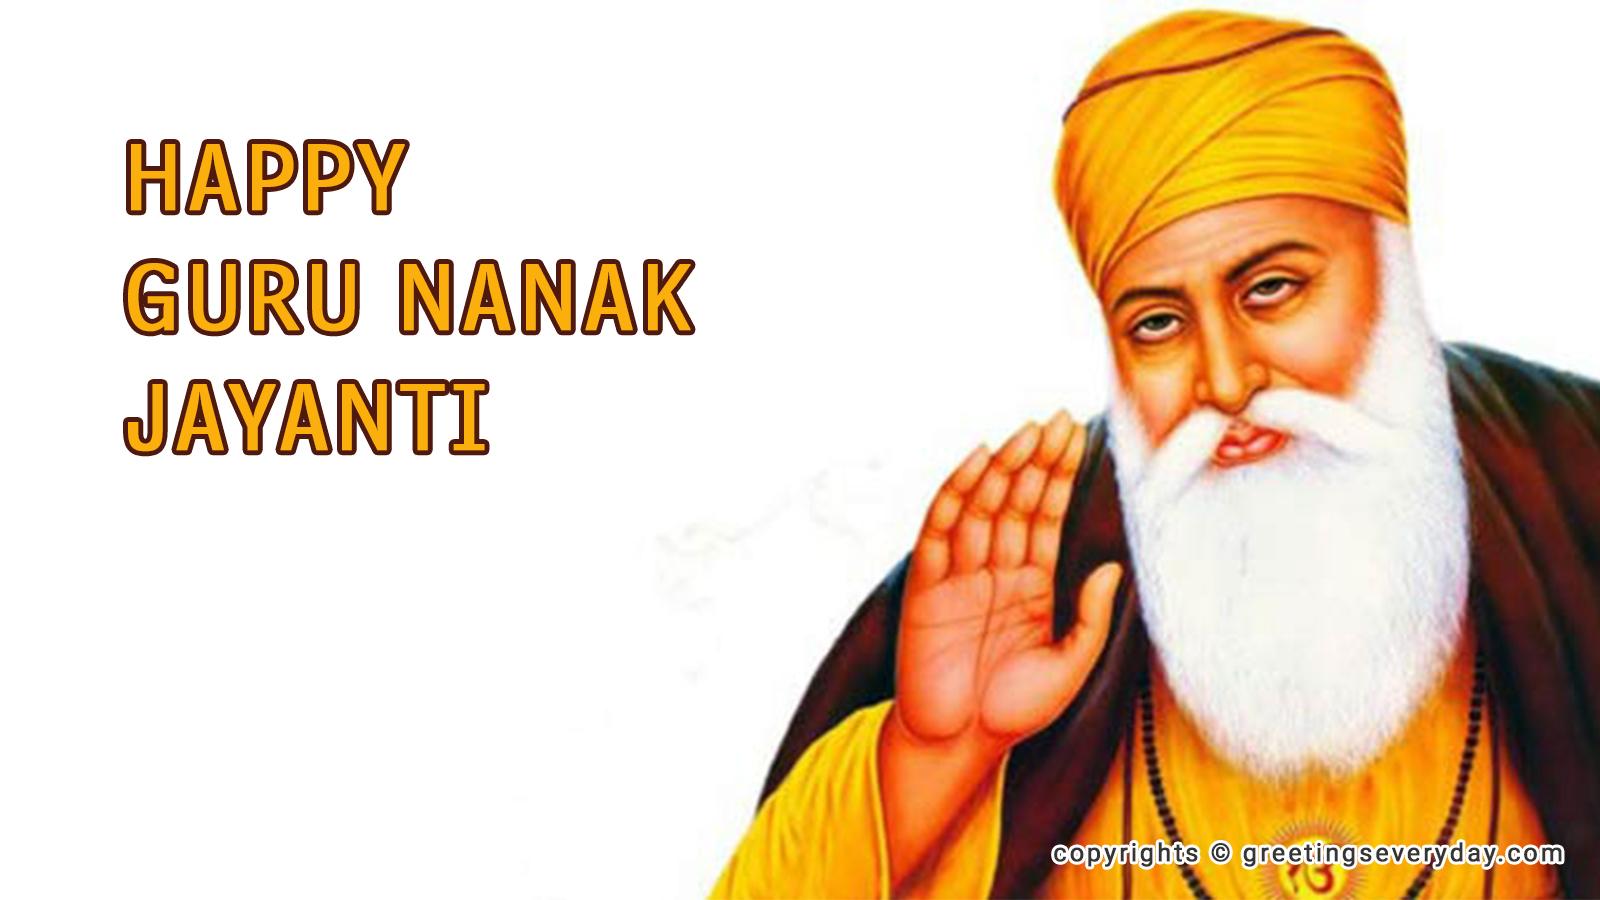 Guru Nanak Jayanti Image WhatsApp